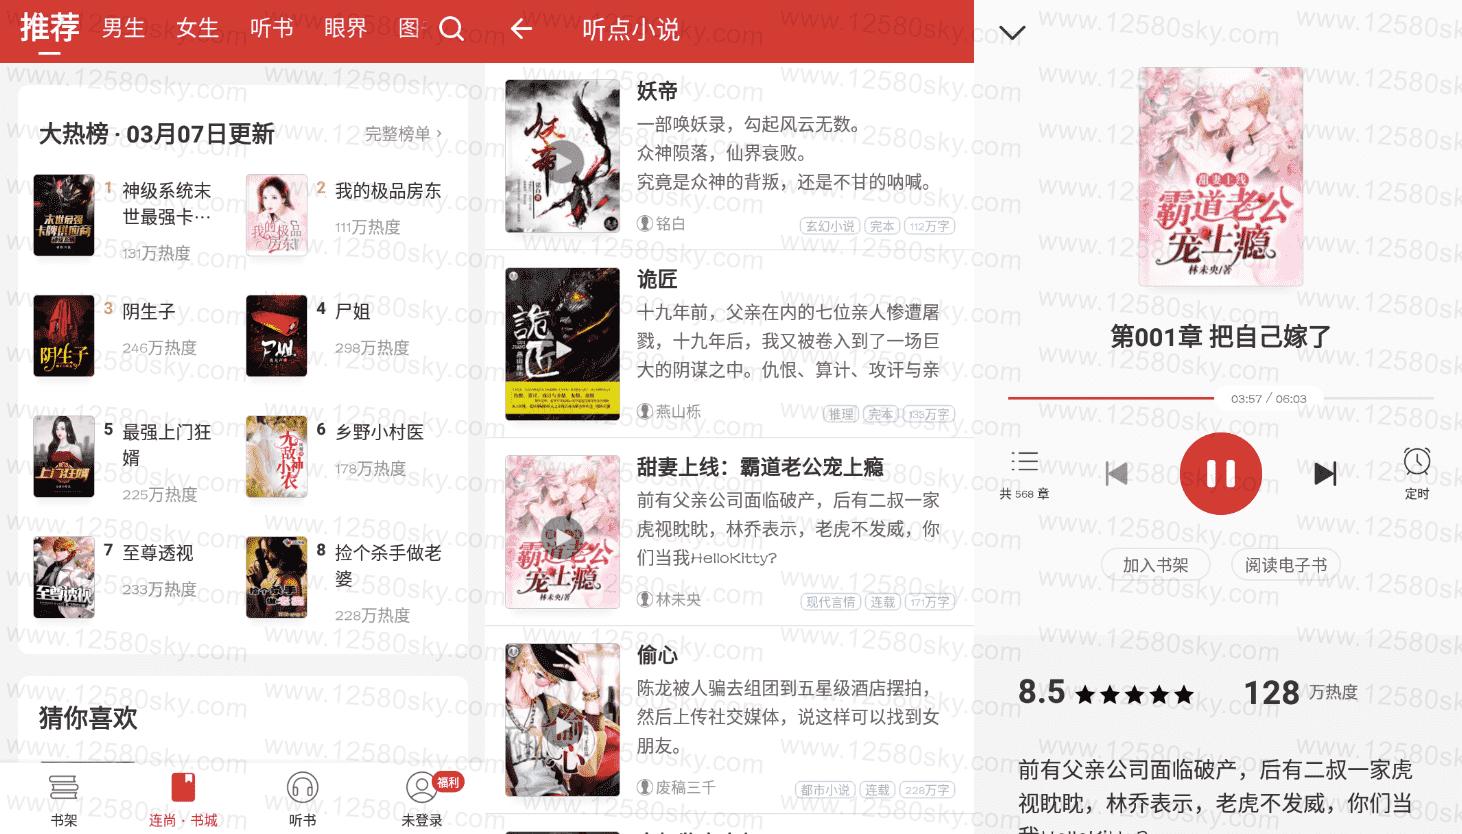 [Android]最新完本小说免费看:连尚读书v2.7.9.1高级版 配图